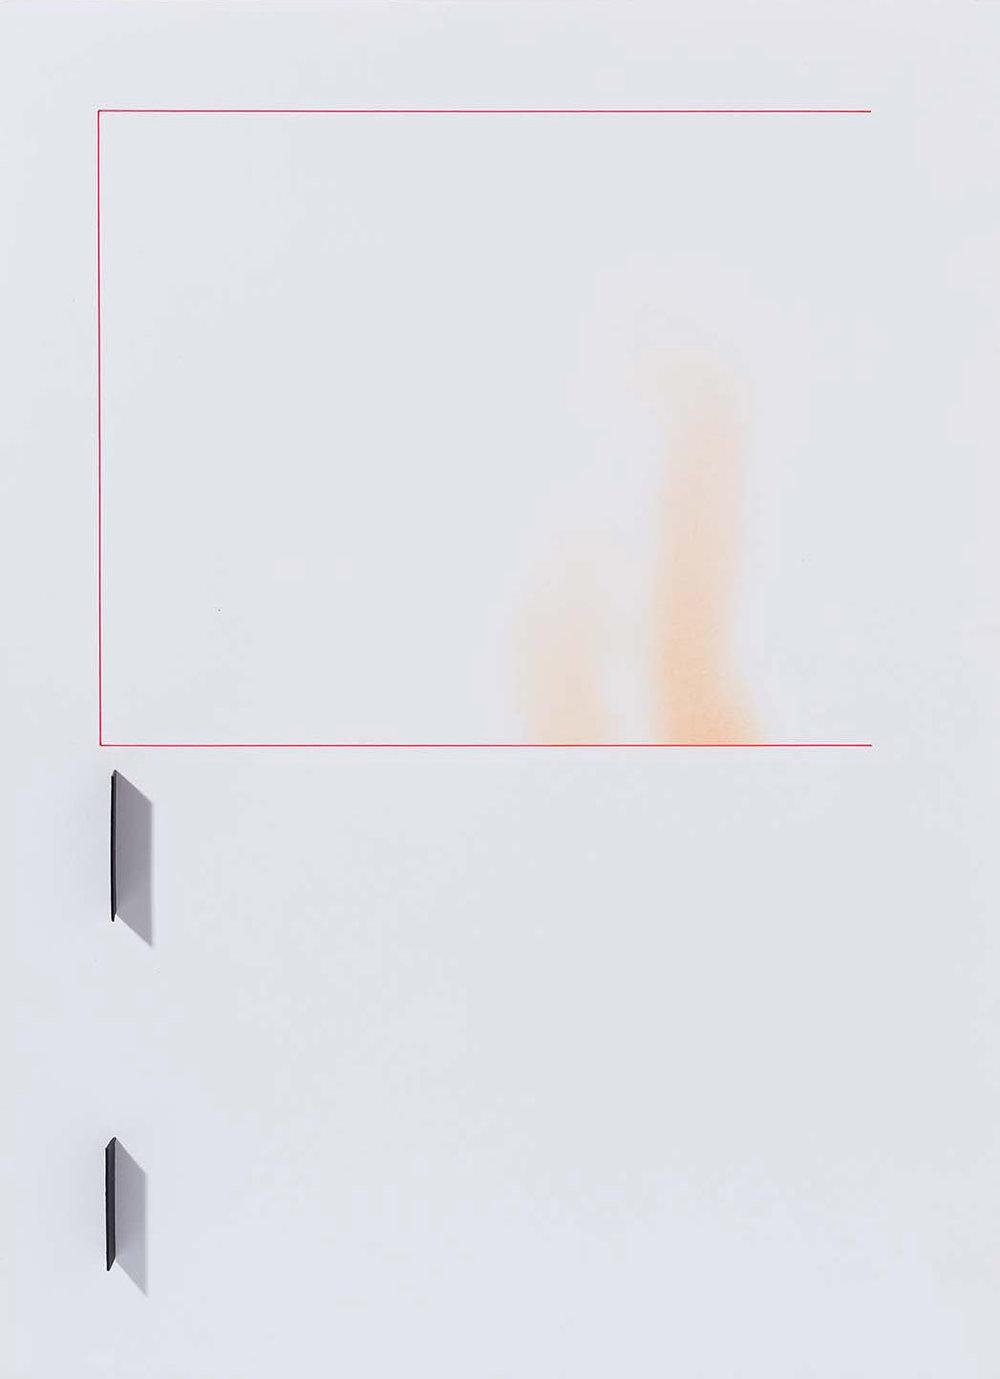 Sem título | 2015 | desenho | nanquim, pastel e colagem sobre papel |42 x 29,5 x 2 cm (sem moldura) |56,5 x 44,5 x 5,5 cm (com moldura)